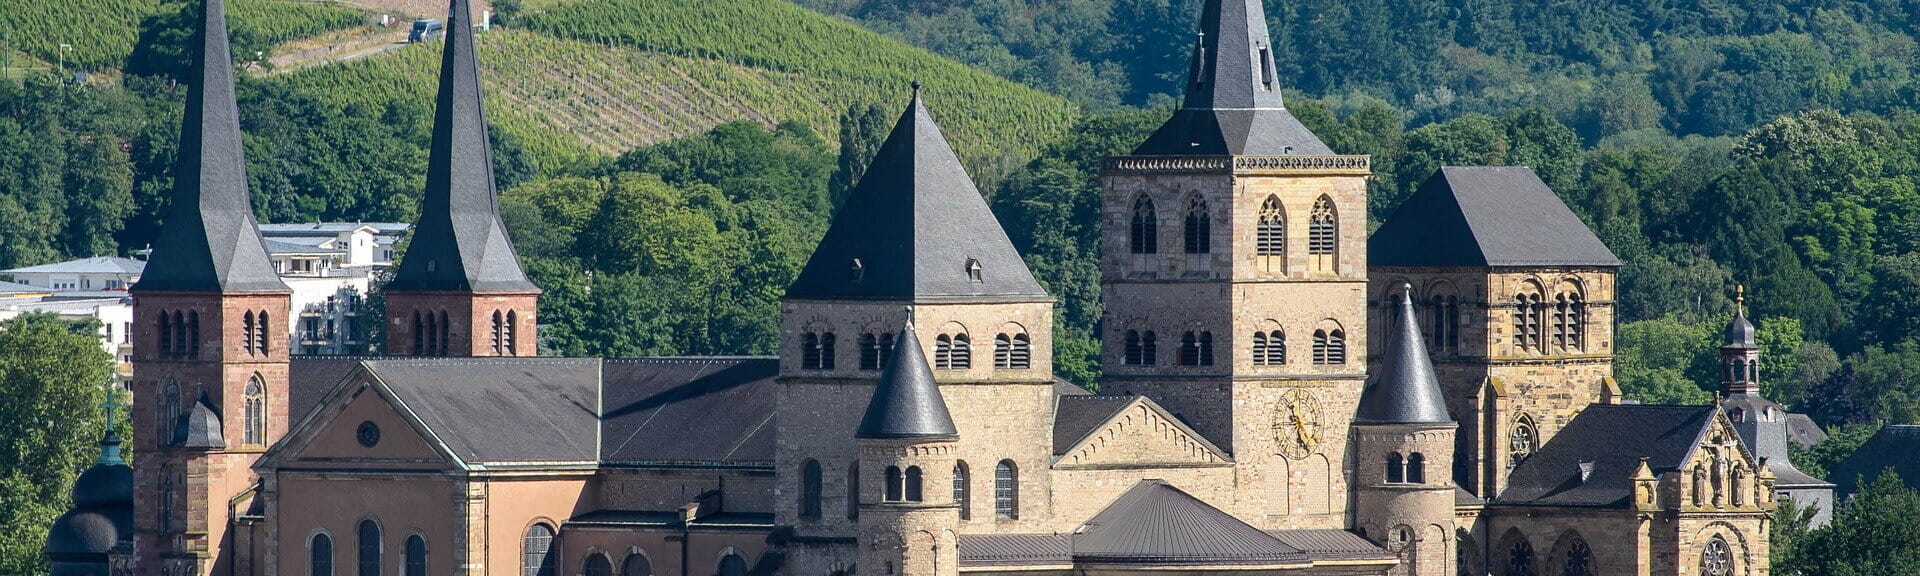 Klassenfahrt Trier Dom St. Petrus